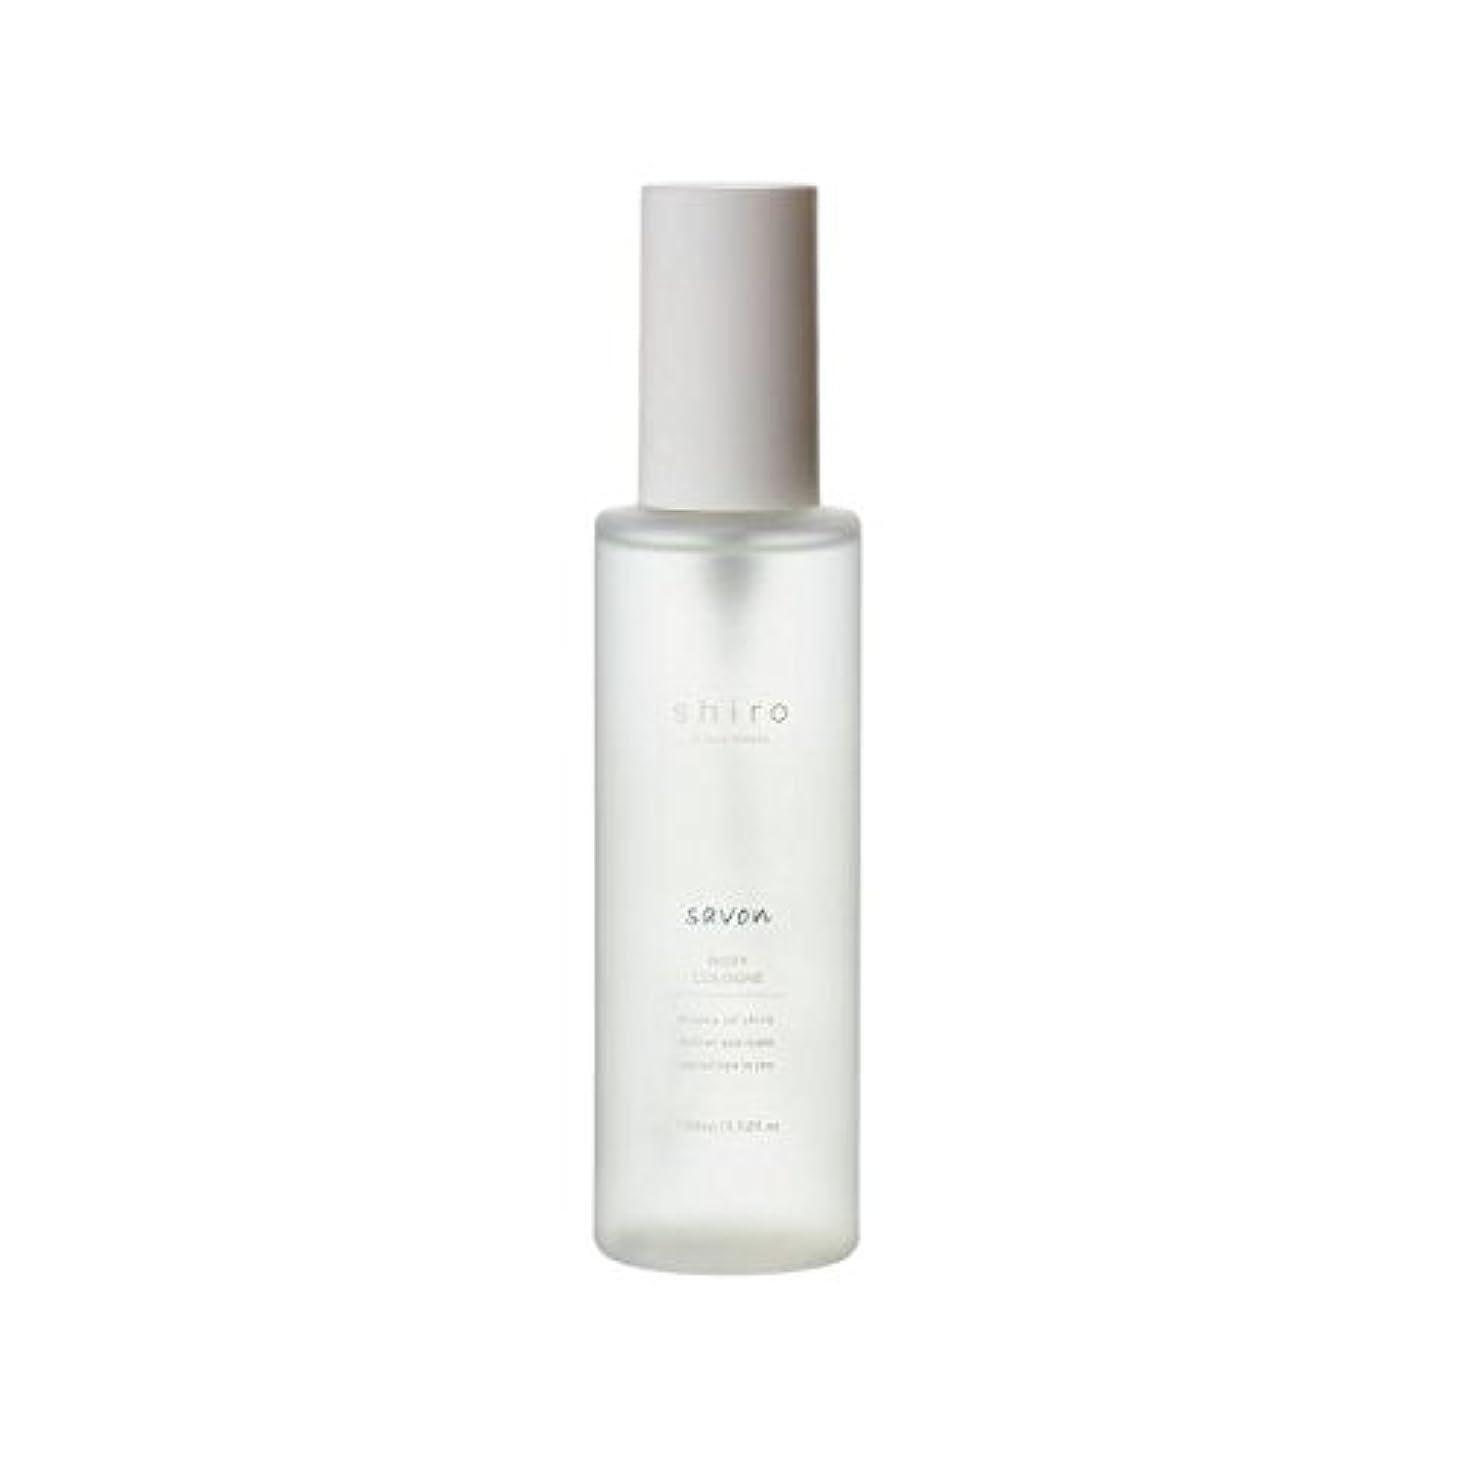 同種の消費する離れたshiro サボン ボディコロン 100ml 清潔で透明感のある自然な石けんの香り ミスト シロ